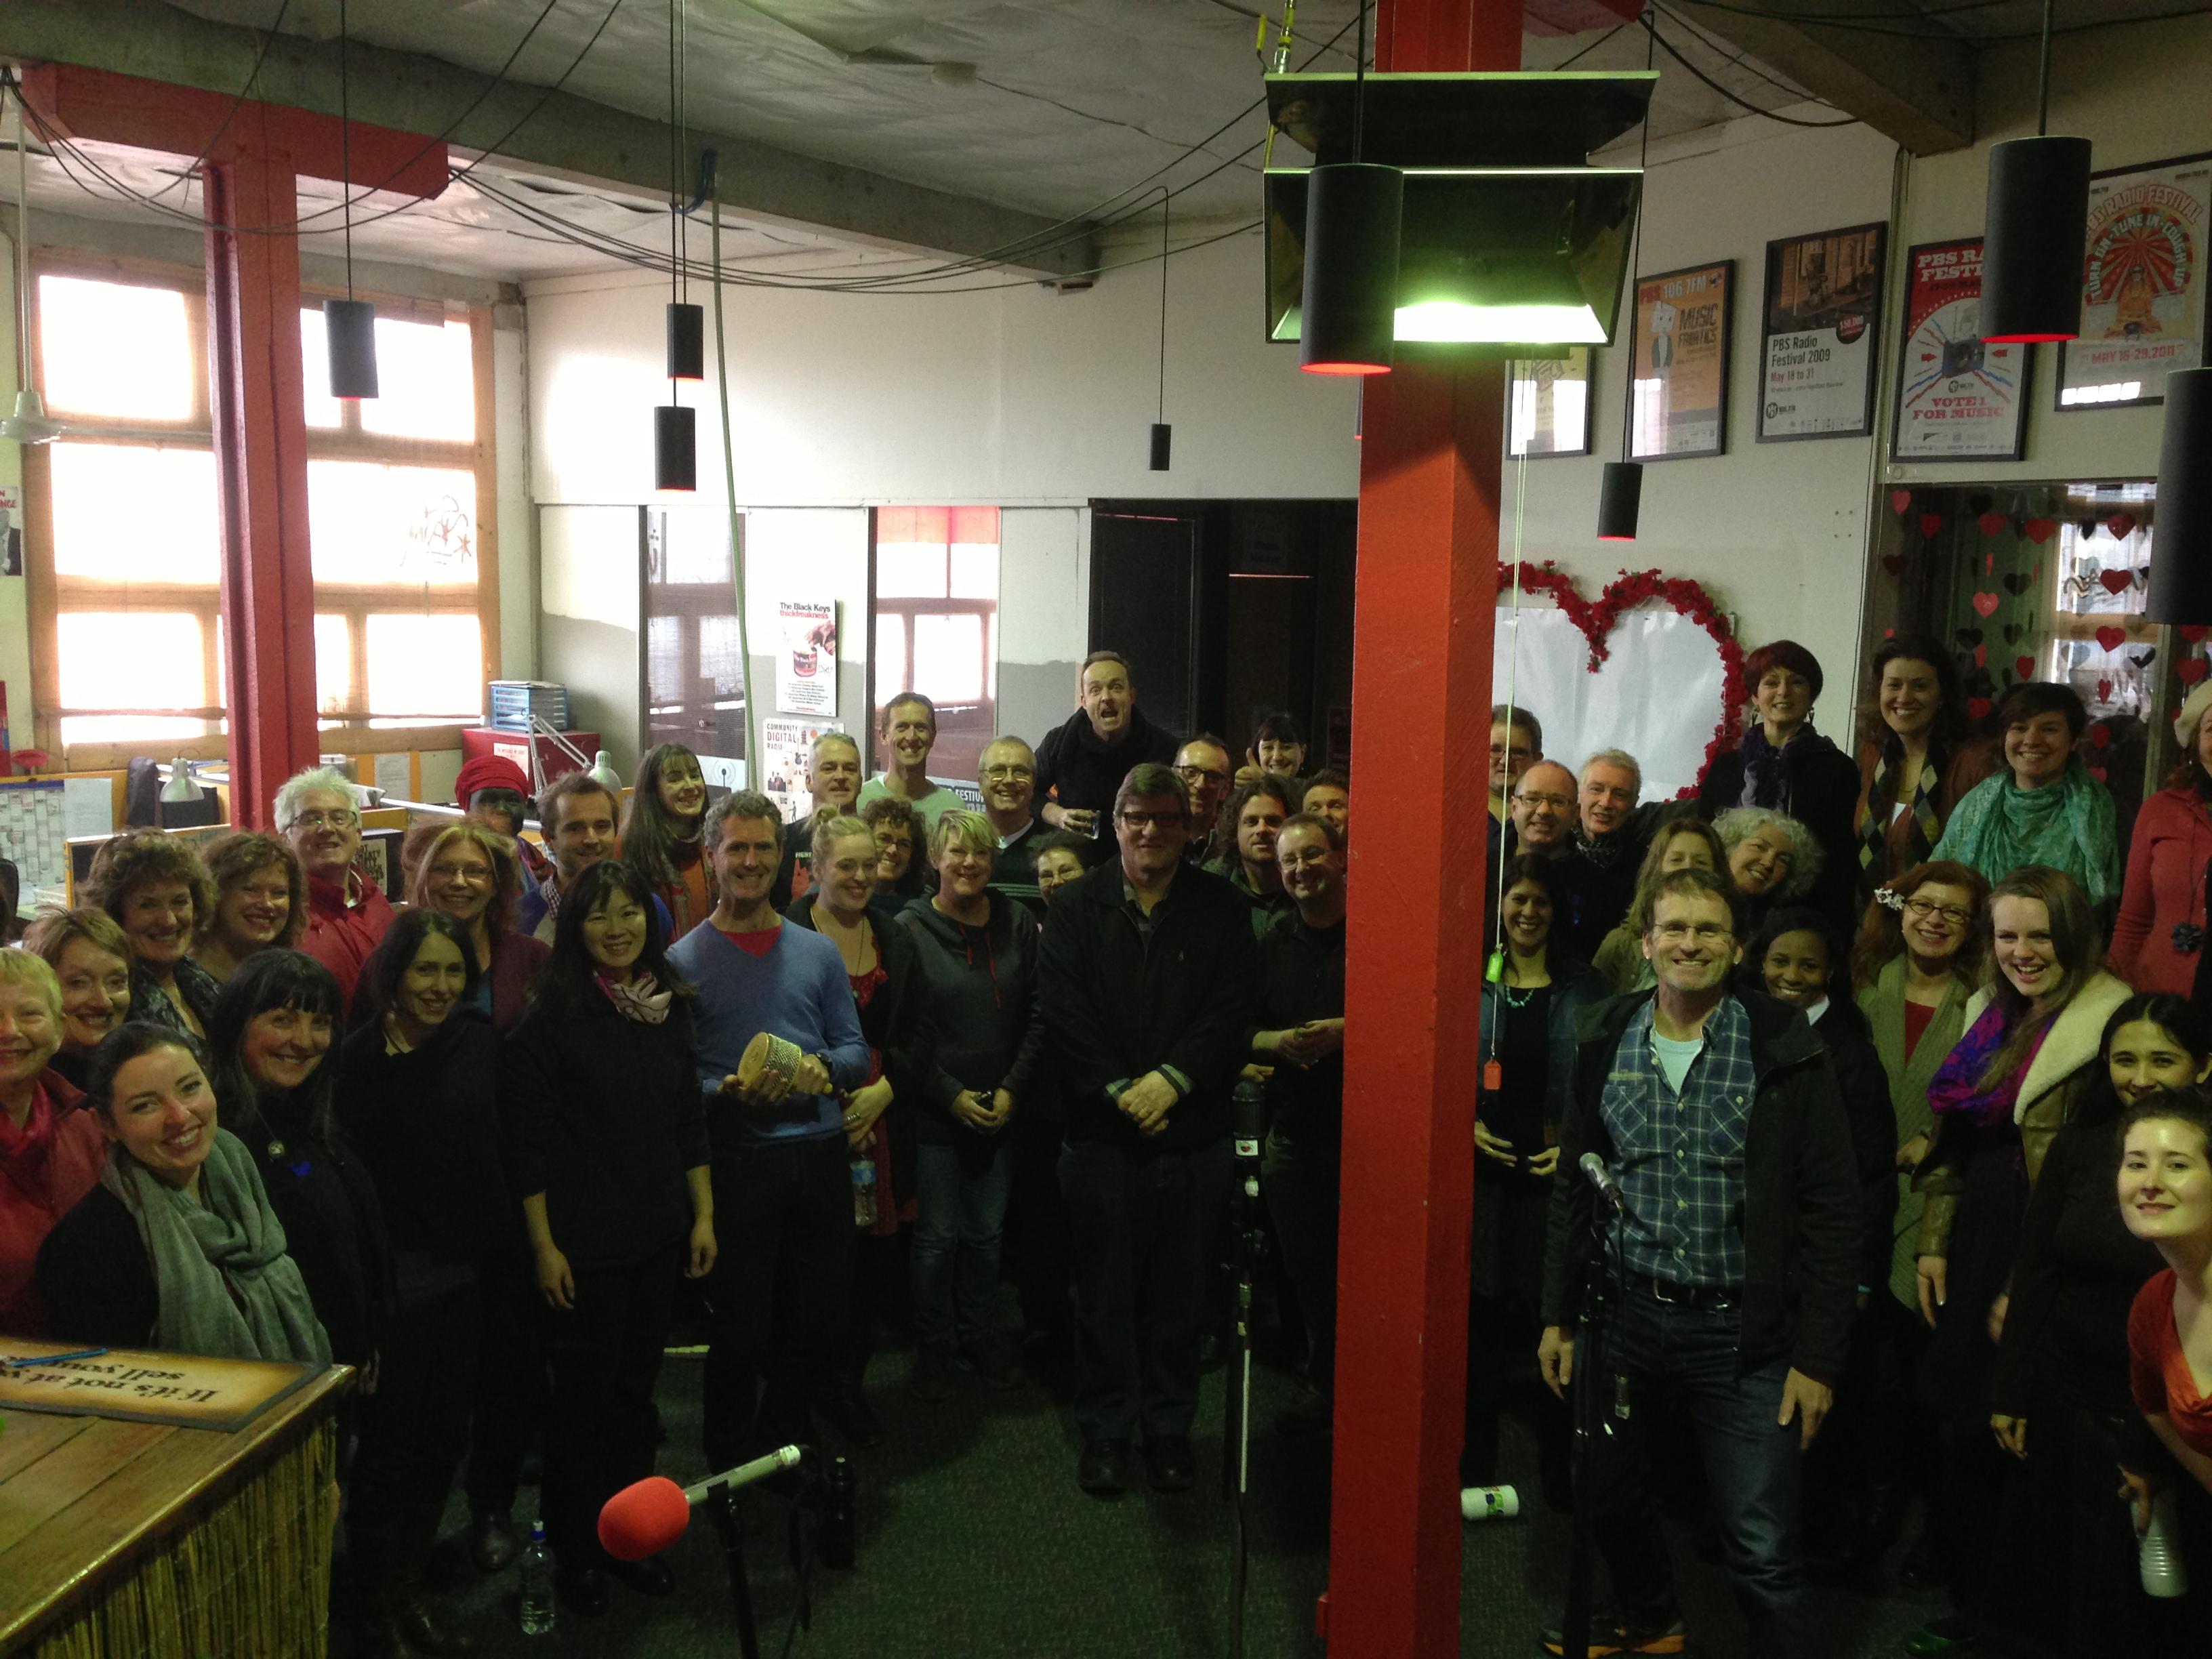 Melbourne Mass Gospel Choir